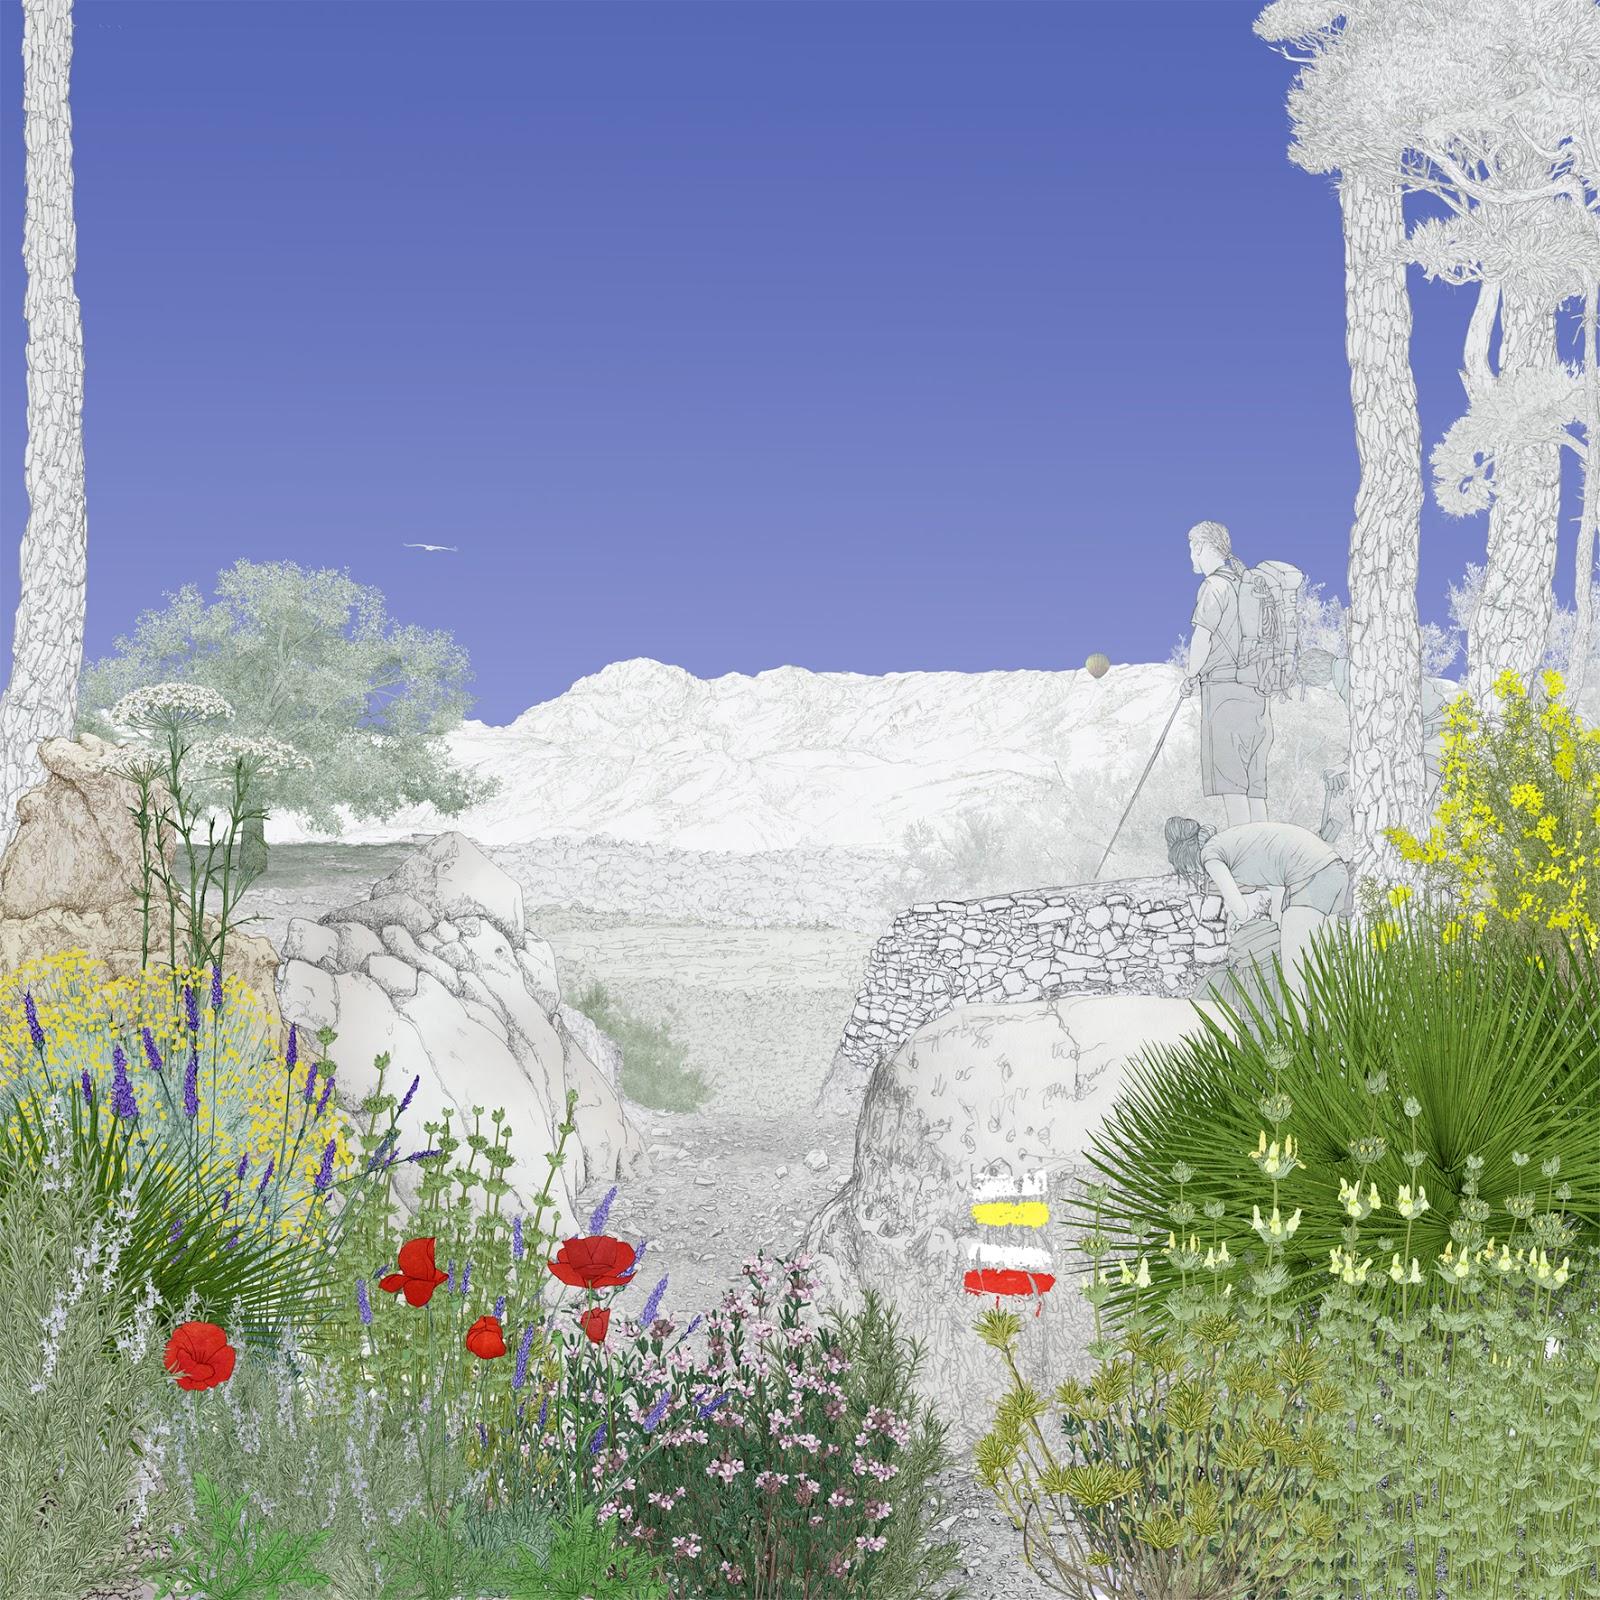 Rutas, valle, plantas olorosas, valle blanco, dibujo,